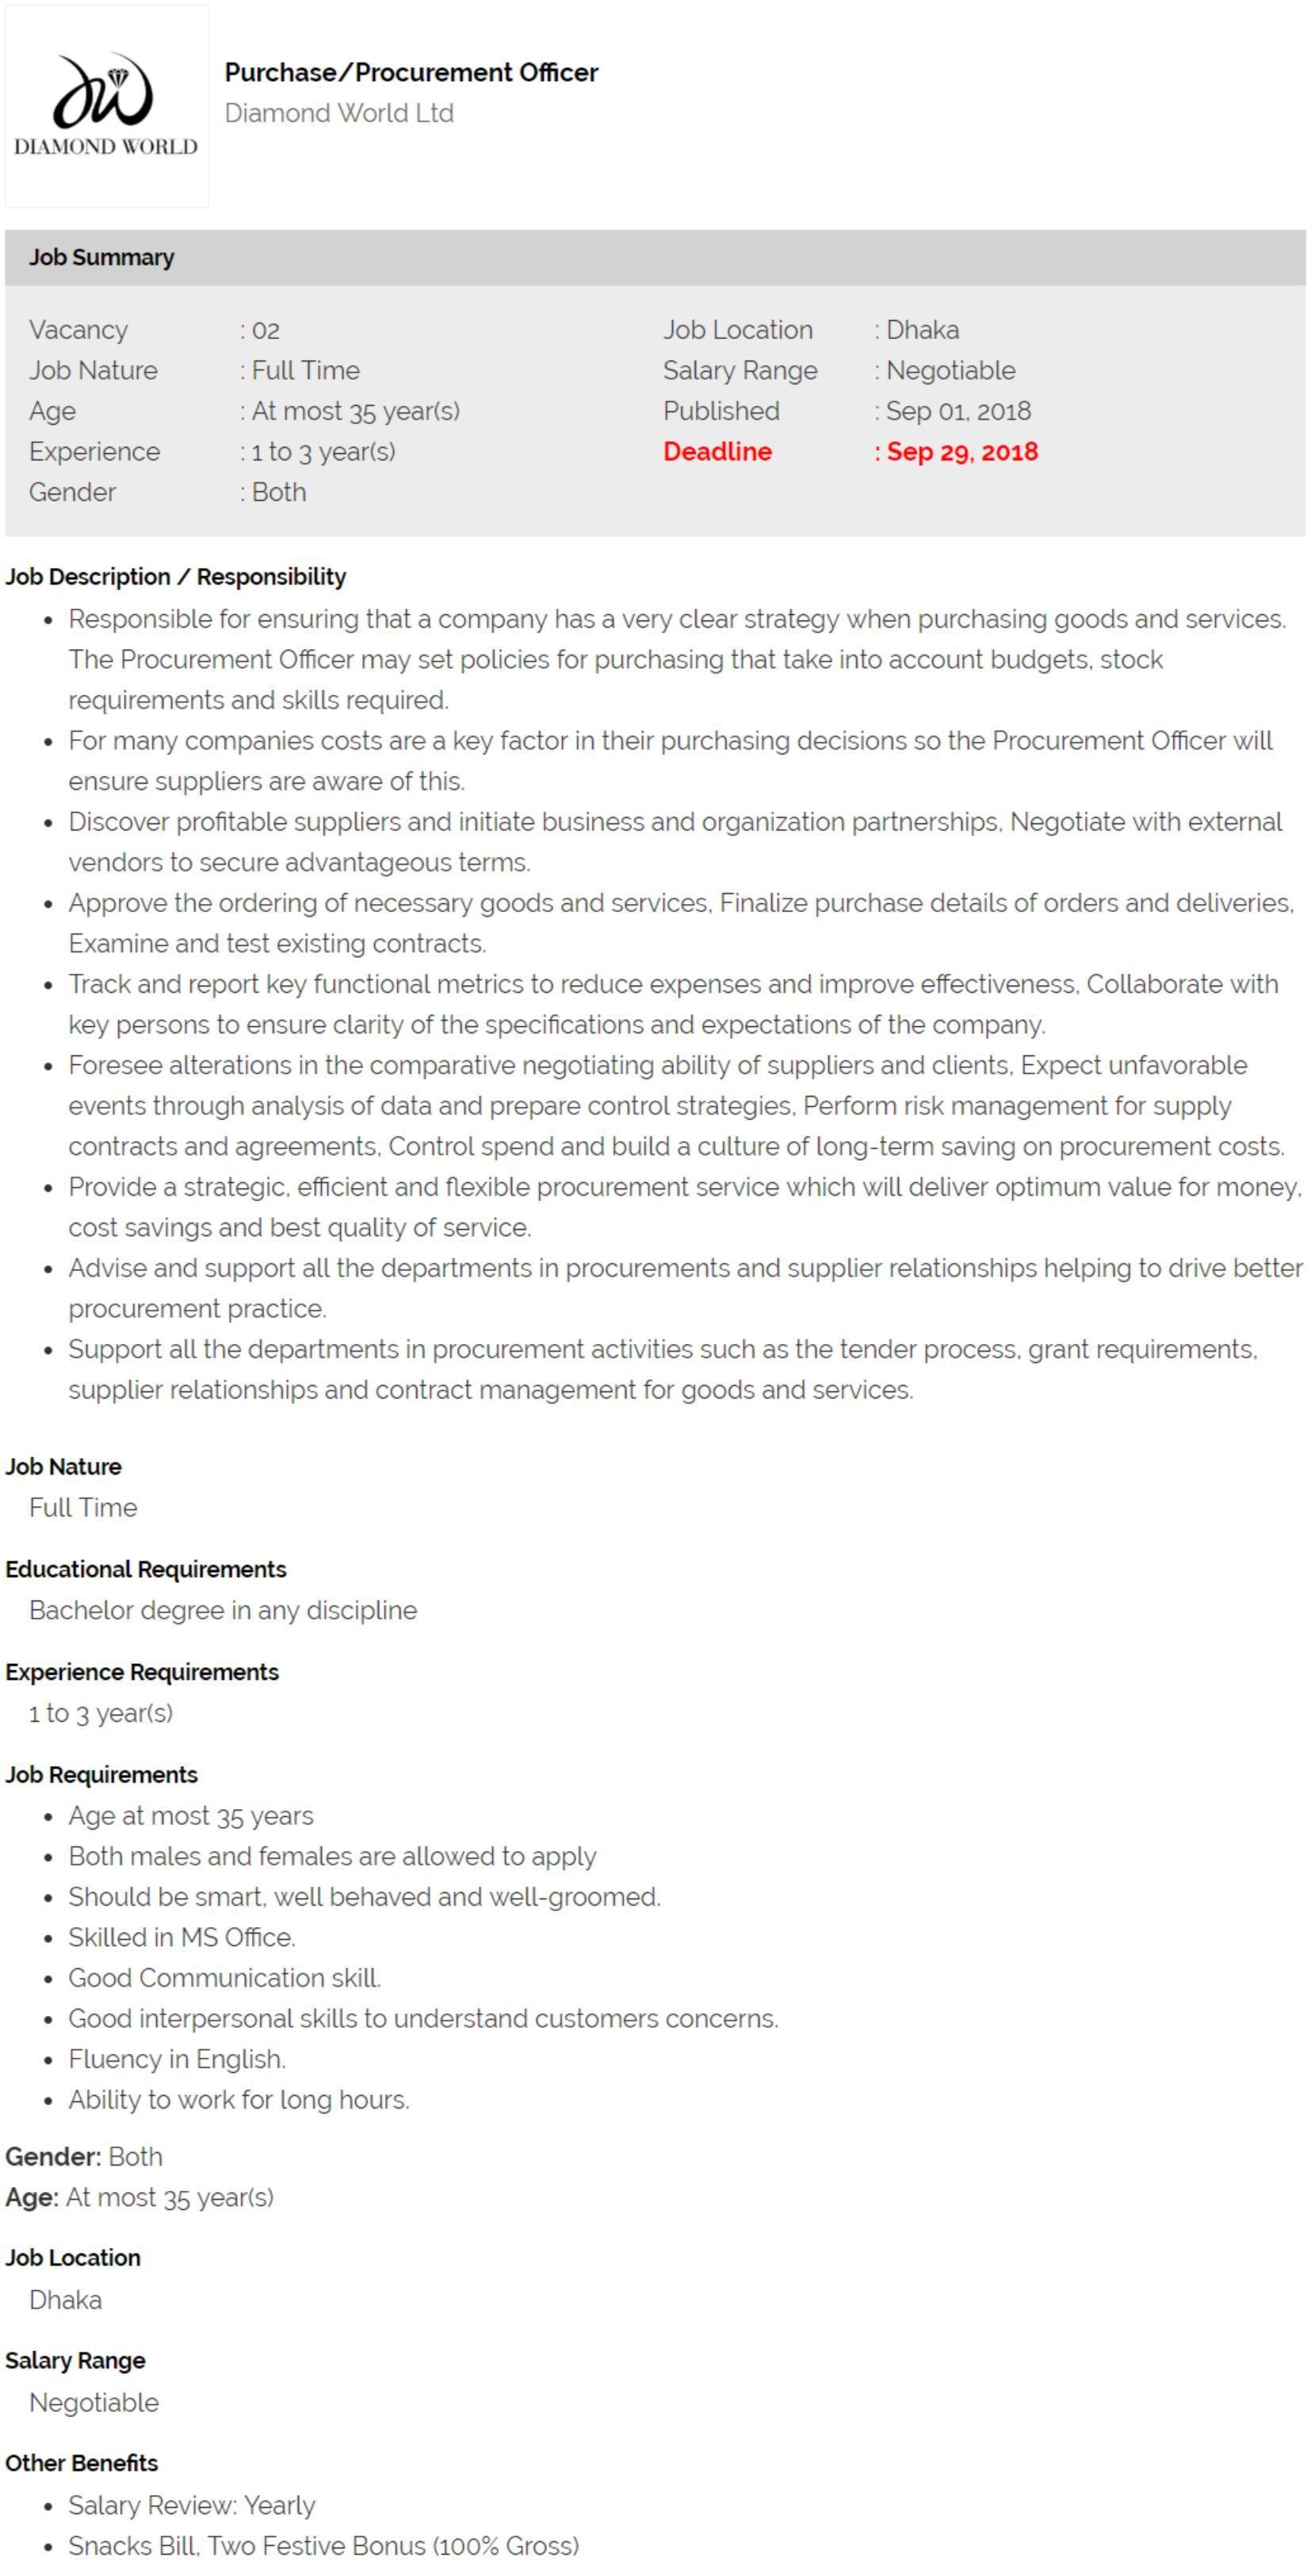 Diamond World Ltd Job Circular